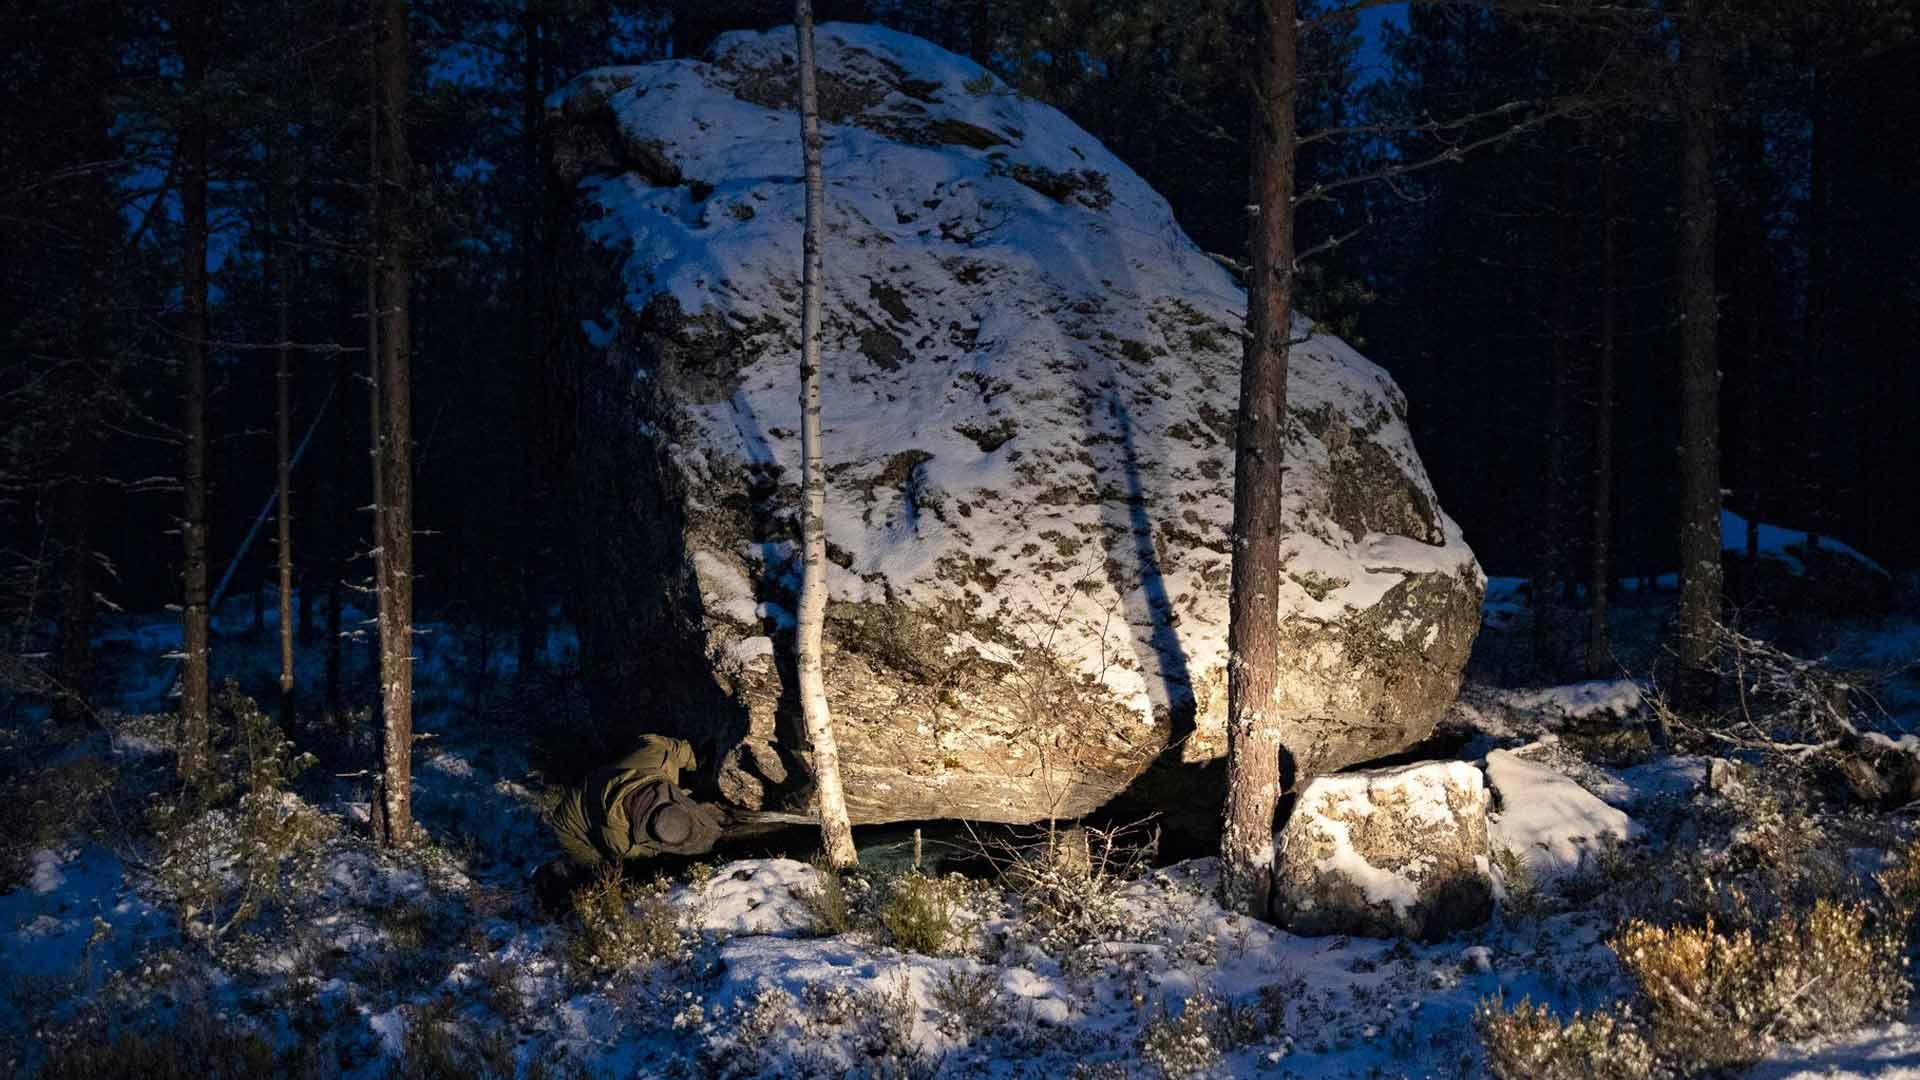 Muinaisuuden jälkiä kotiseutunsa metsistä etsivä Anssi Toivanen kurkistelee Leppävirran Tilkonvuoren Jättiläisenkiven alle.